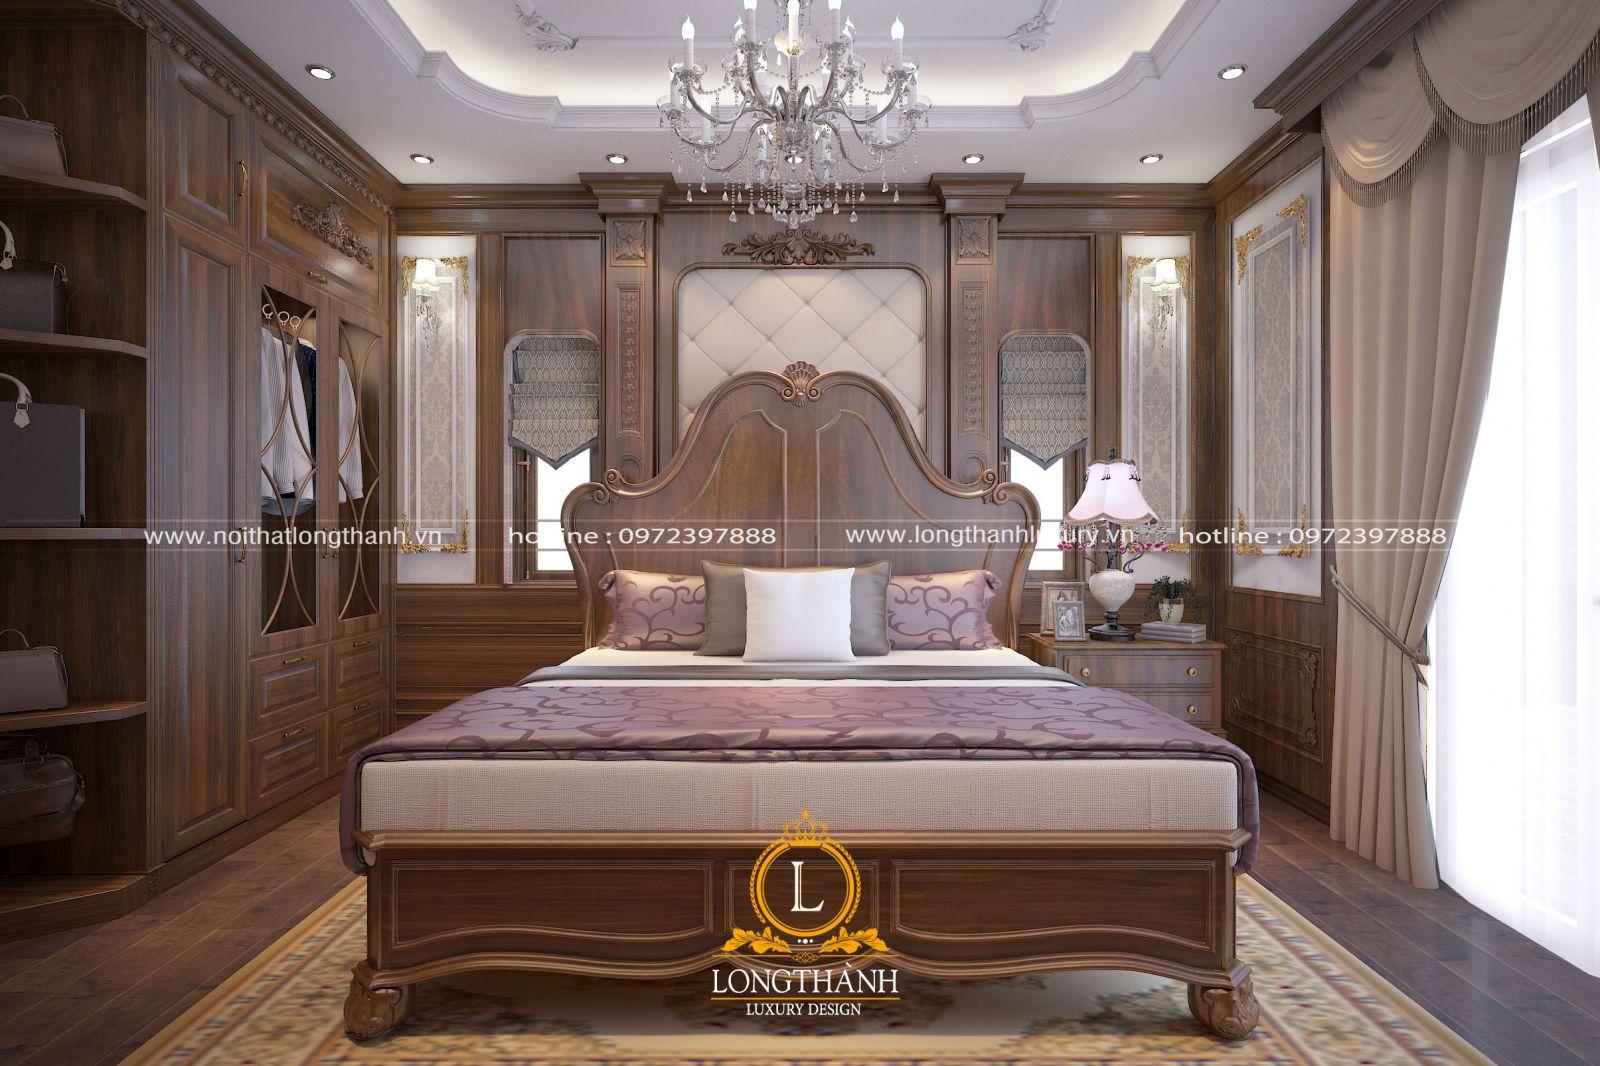 Căn phòng ngủ cao cấp tinh tế